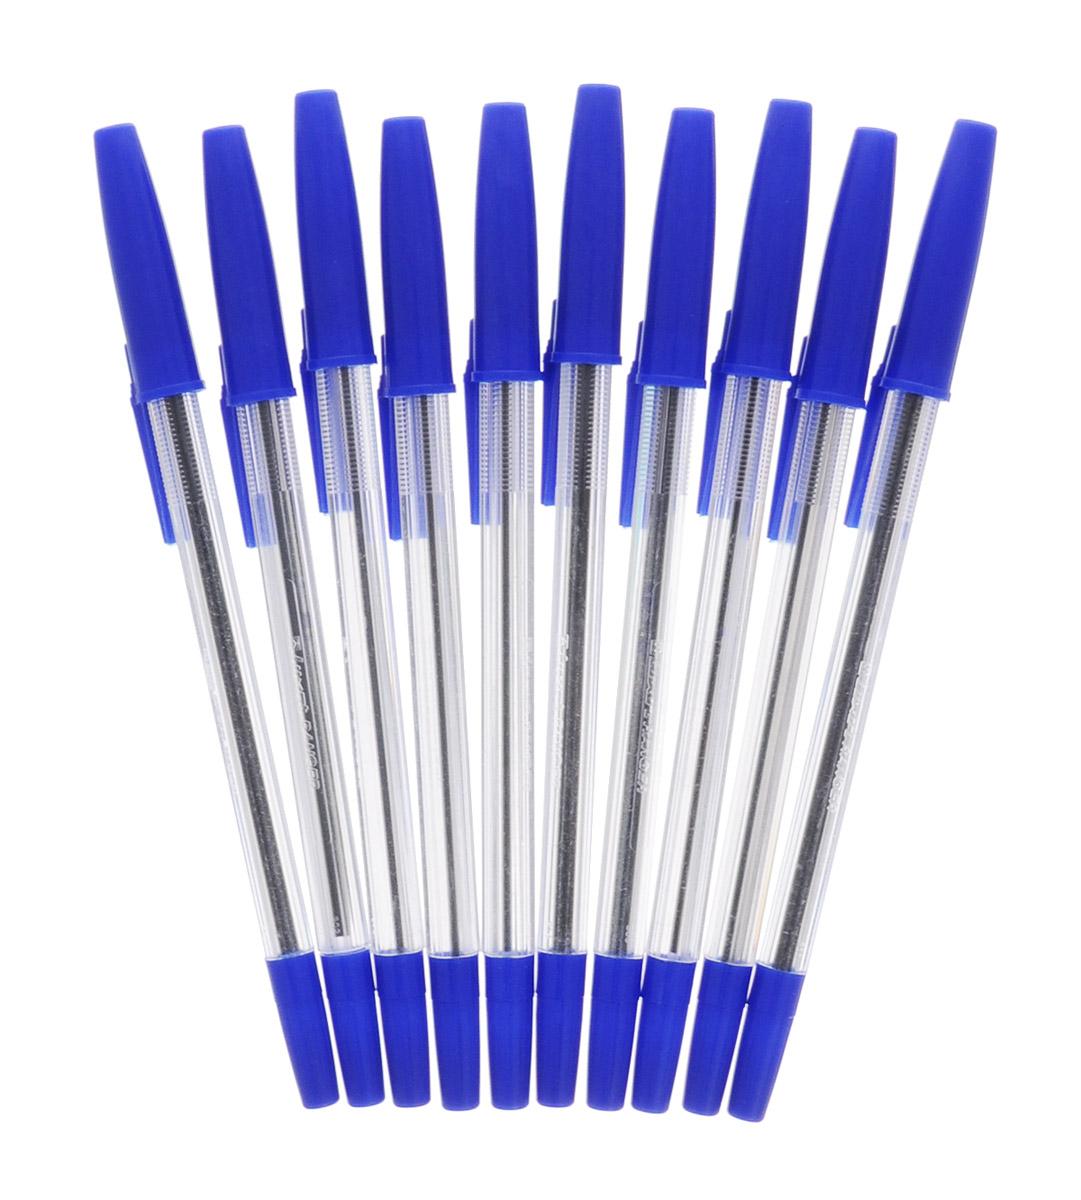 Luxor Набор шариковых ручек Ranger цвет чернил синий 10 шт1202/10CШариковые ручки из набора Luxor Ranger станут незаменимым атрибутом в учебе любого школьника и на работе.В наборе 10 шариковых ручек с колпачками, цвет чернил - синий.